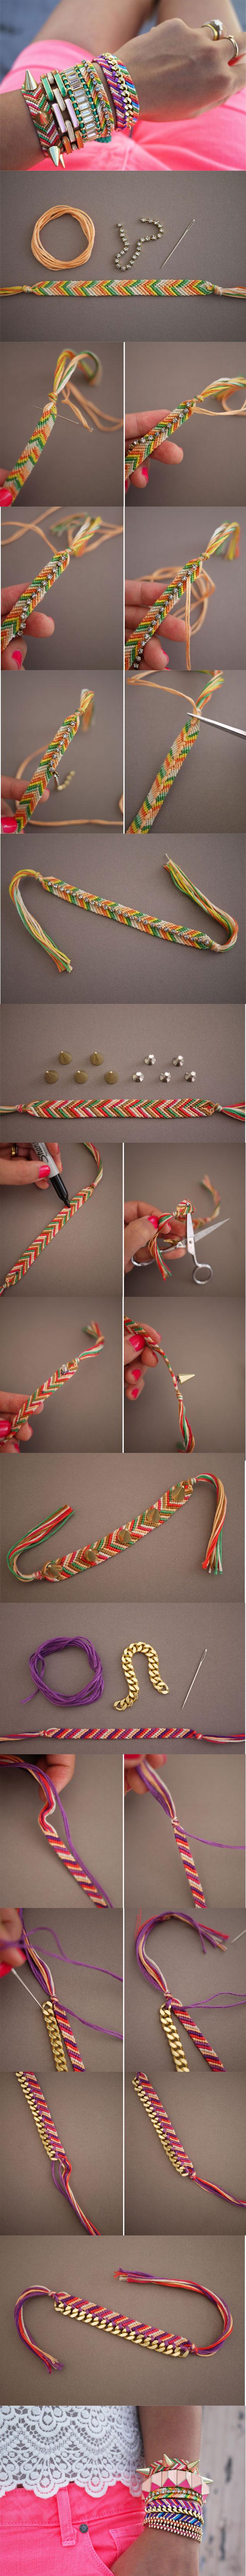 diy-bracelets3